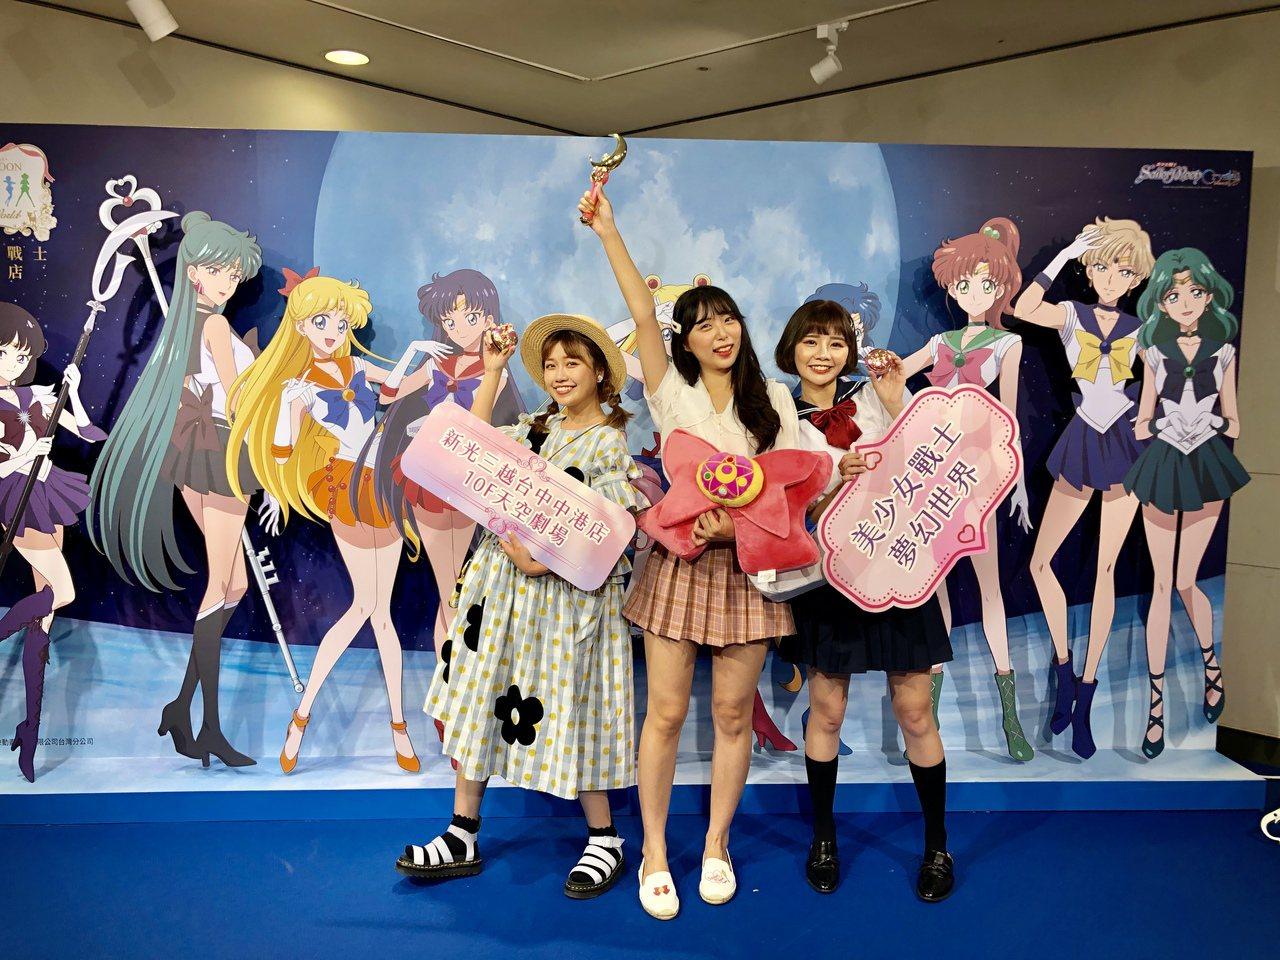 「美少女戰士夢幻世界」即日起至8月11日在台中新光三越登場,預料將颳起一場浪漫的...